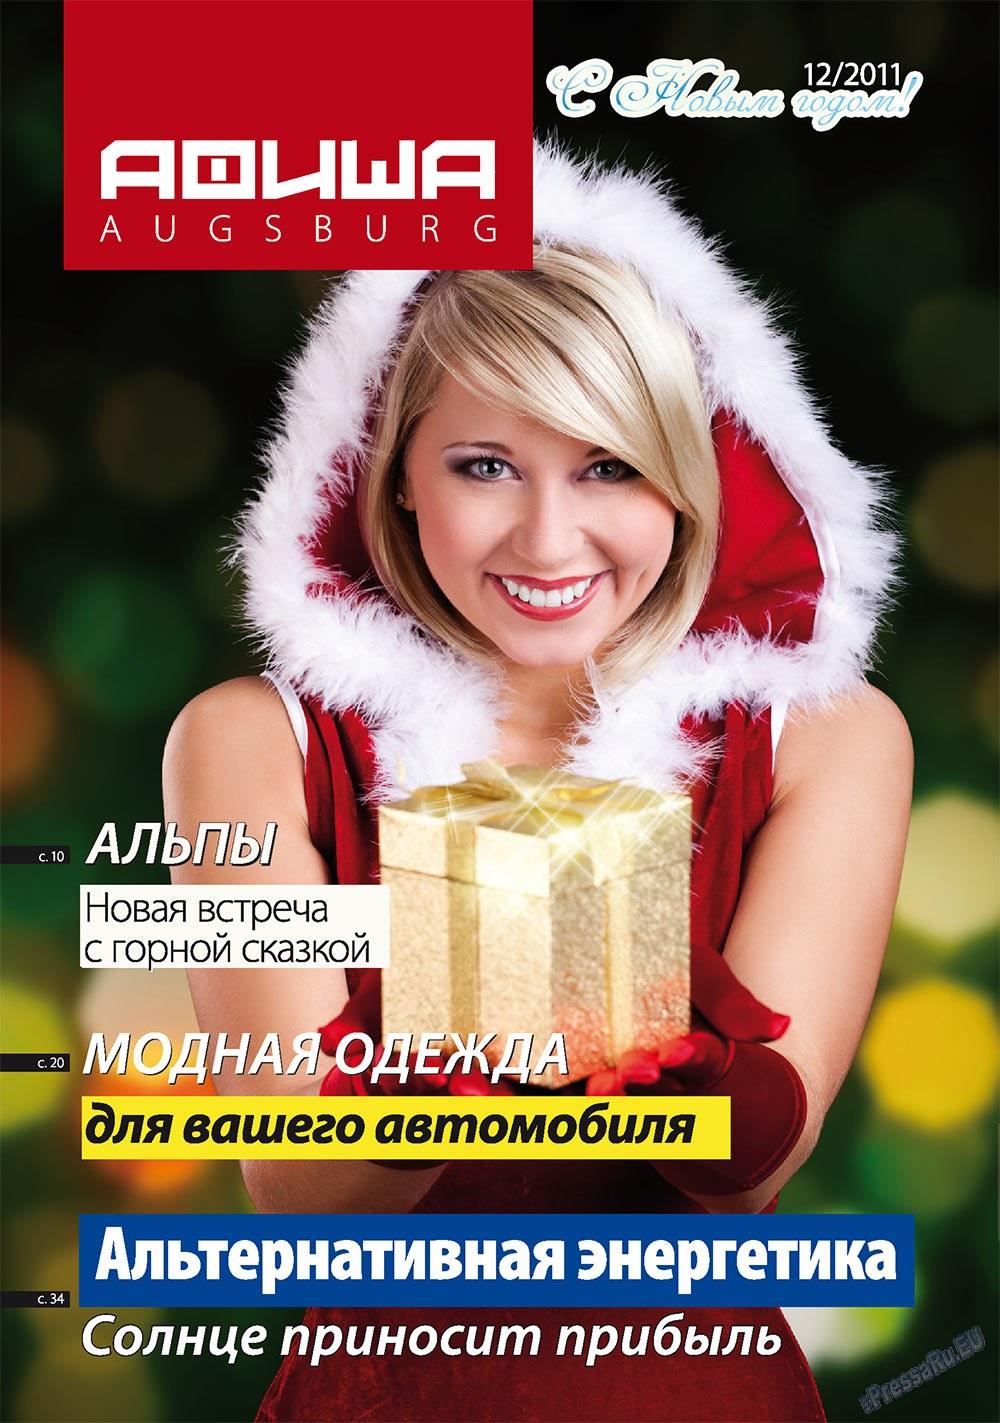 Афиша Augsburg (журнал). 2011 год, номер 12, стр. 1